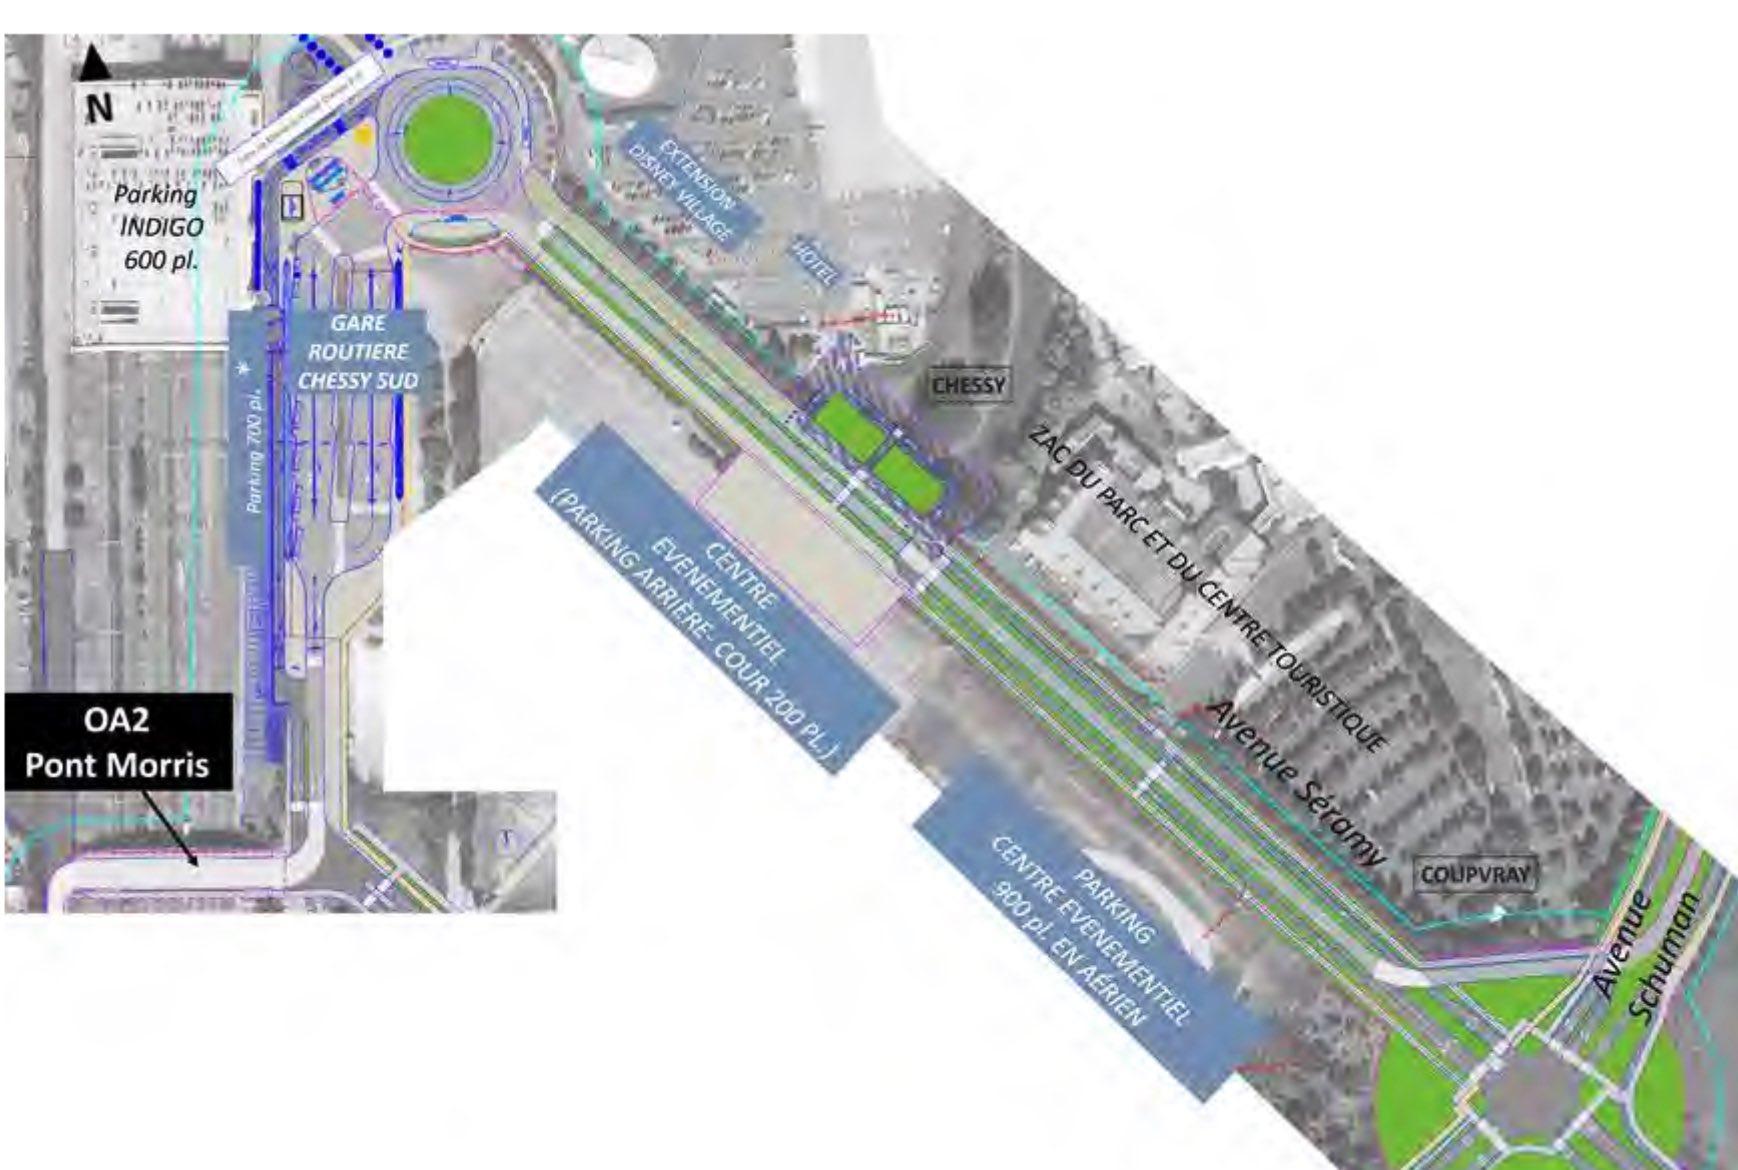 Esplanade : Nouvel Aménagement entre les Parcs, la Gare et DV - Page 29 EwDnIaxWQAs4Q-2?format=jpg&name=large